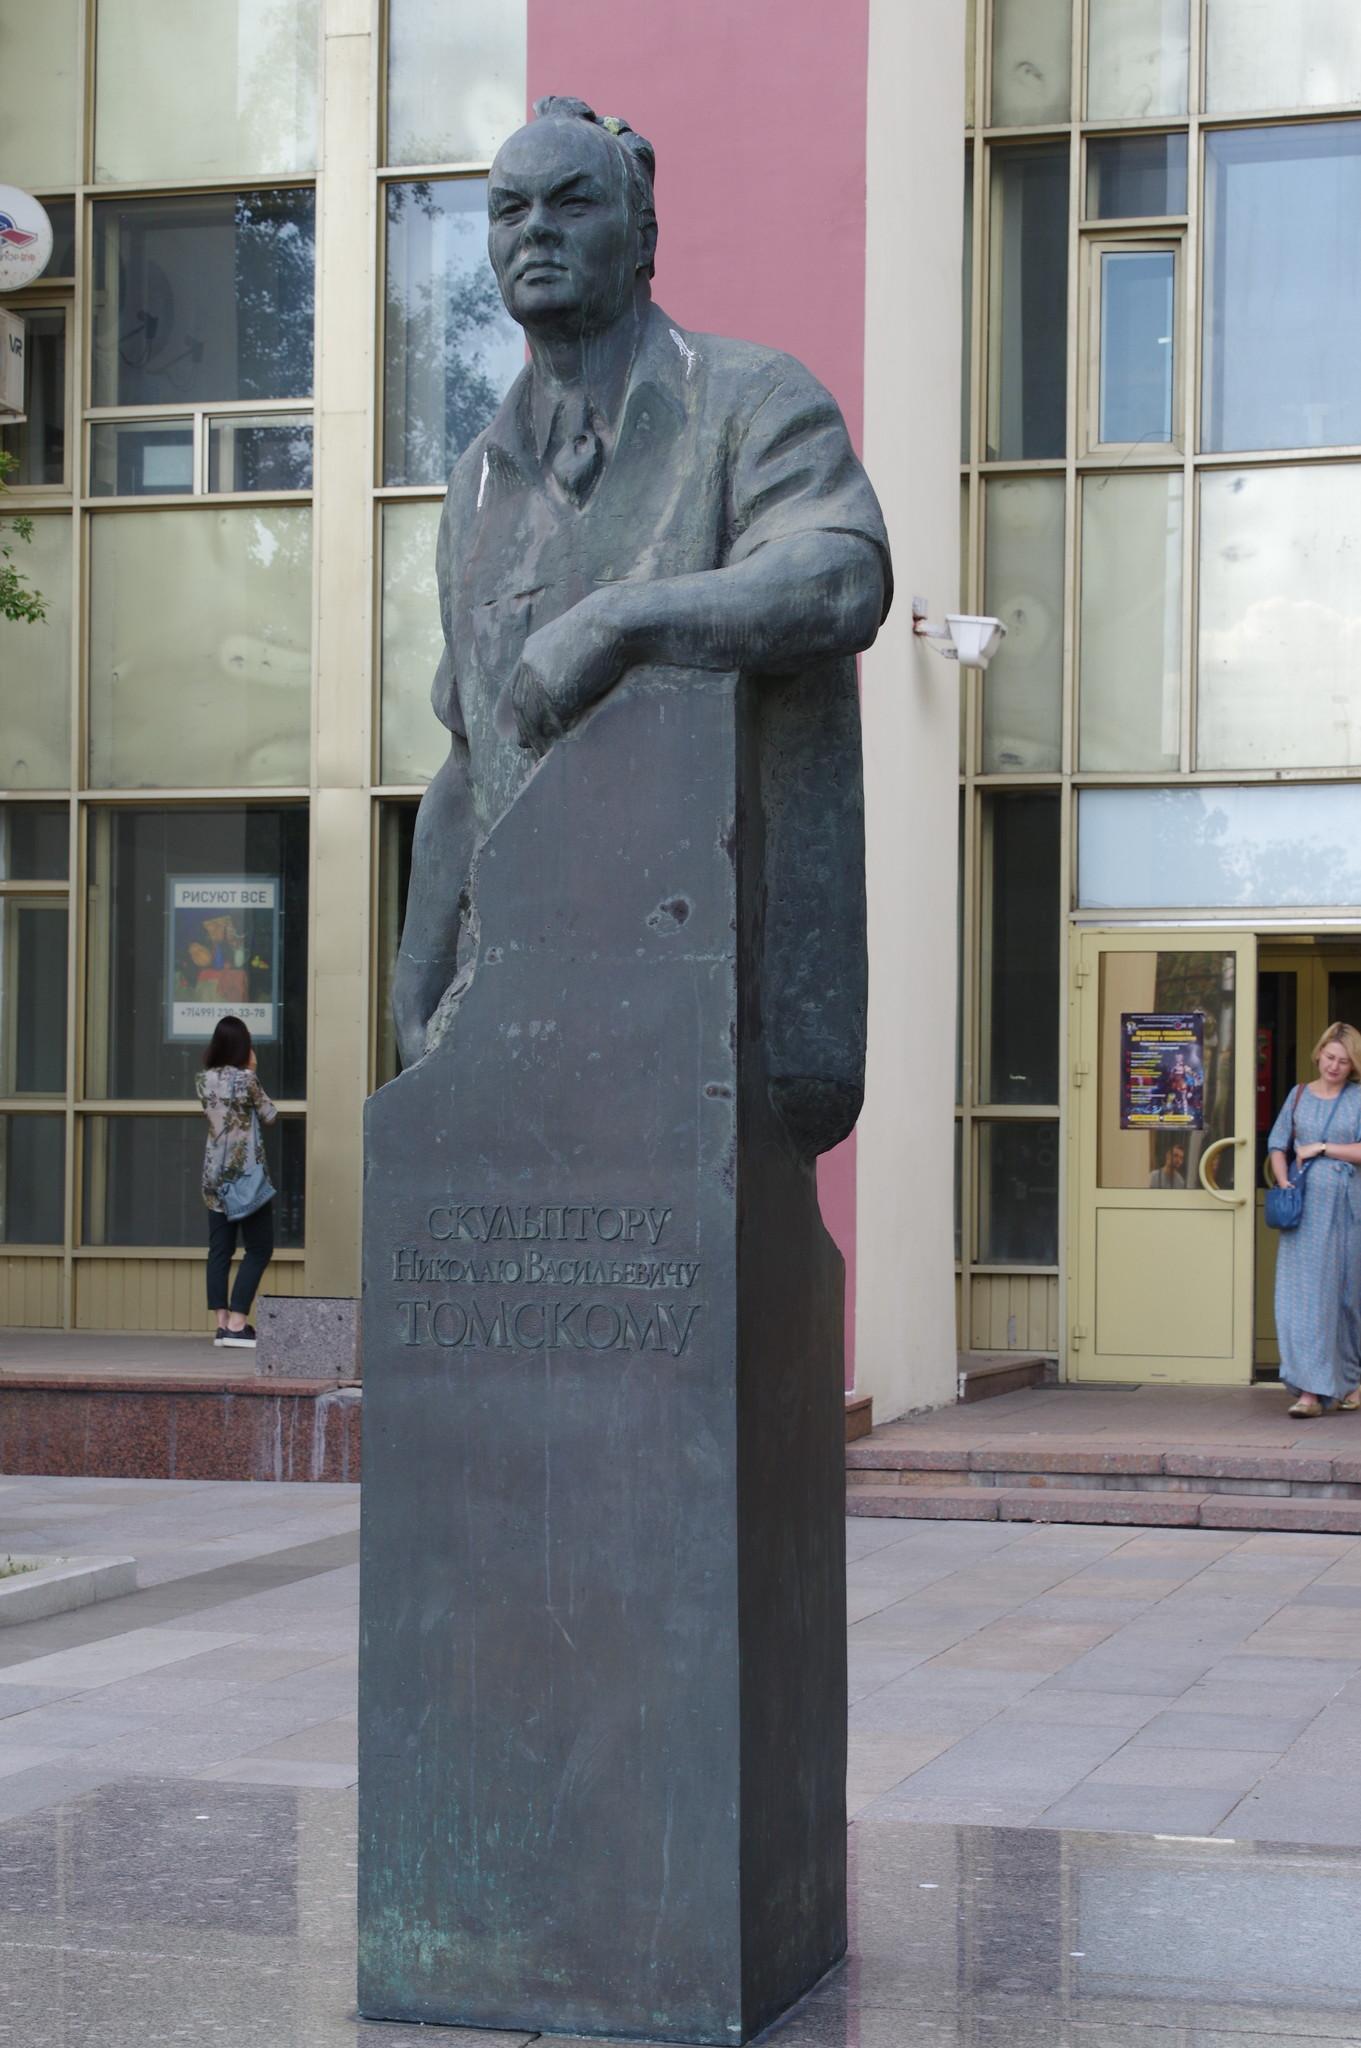 Памятник скульптору Николаю Васильевичу Томскому перед зданием Академического художественного лицея